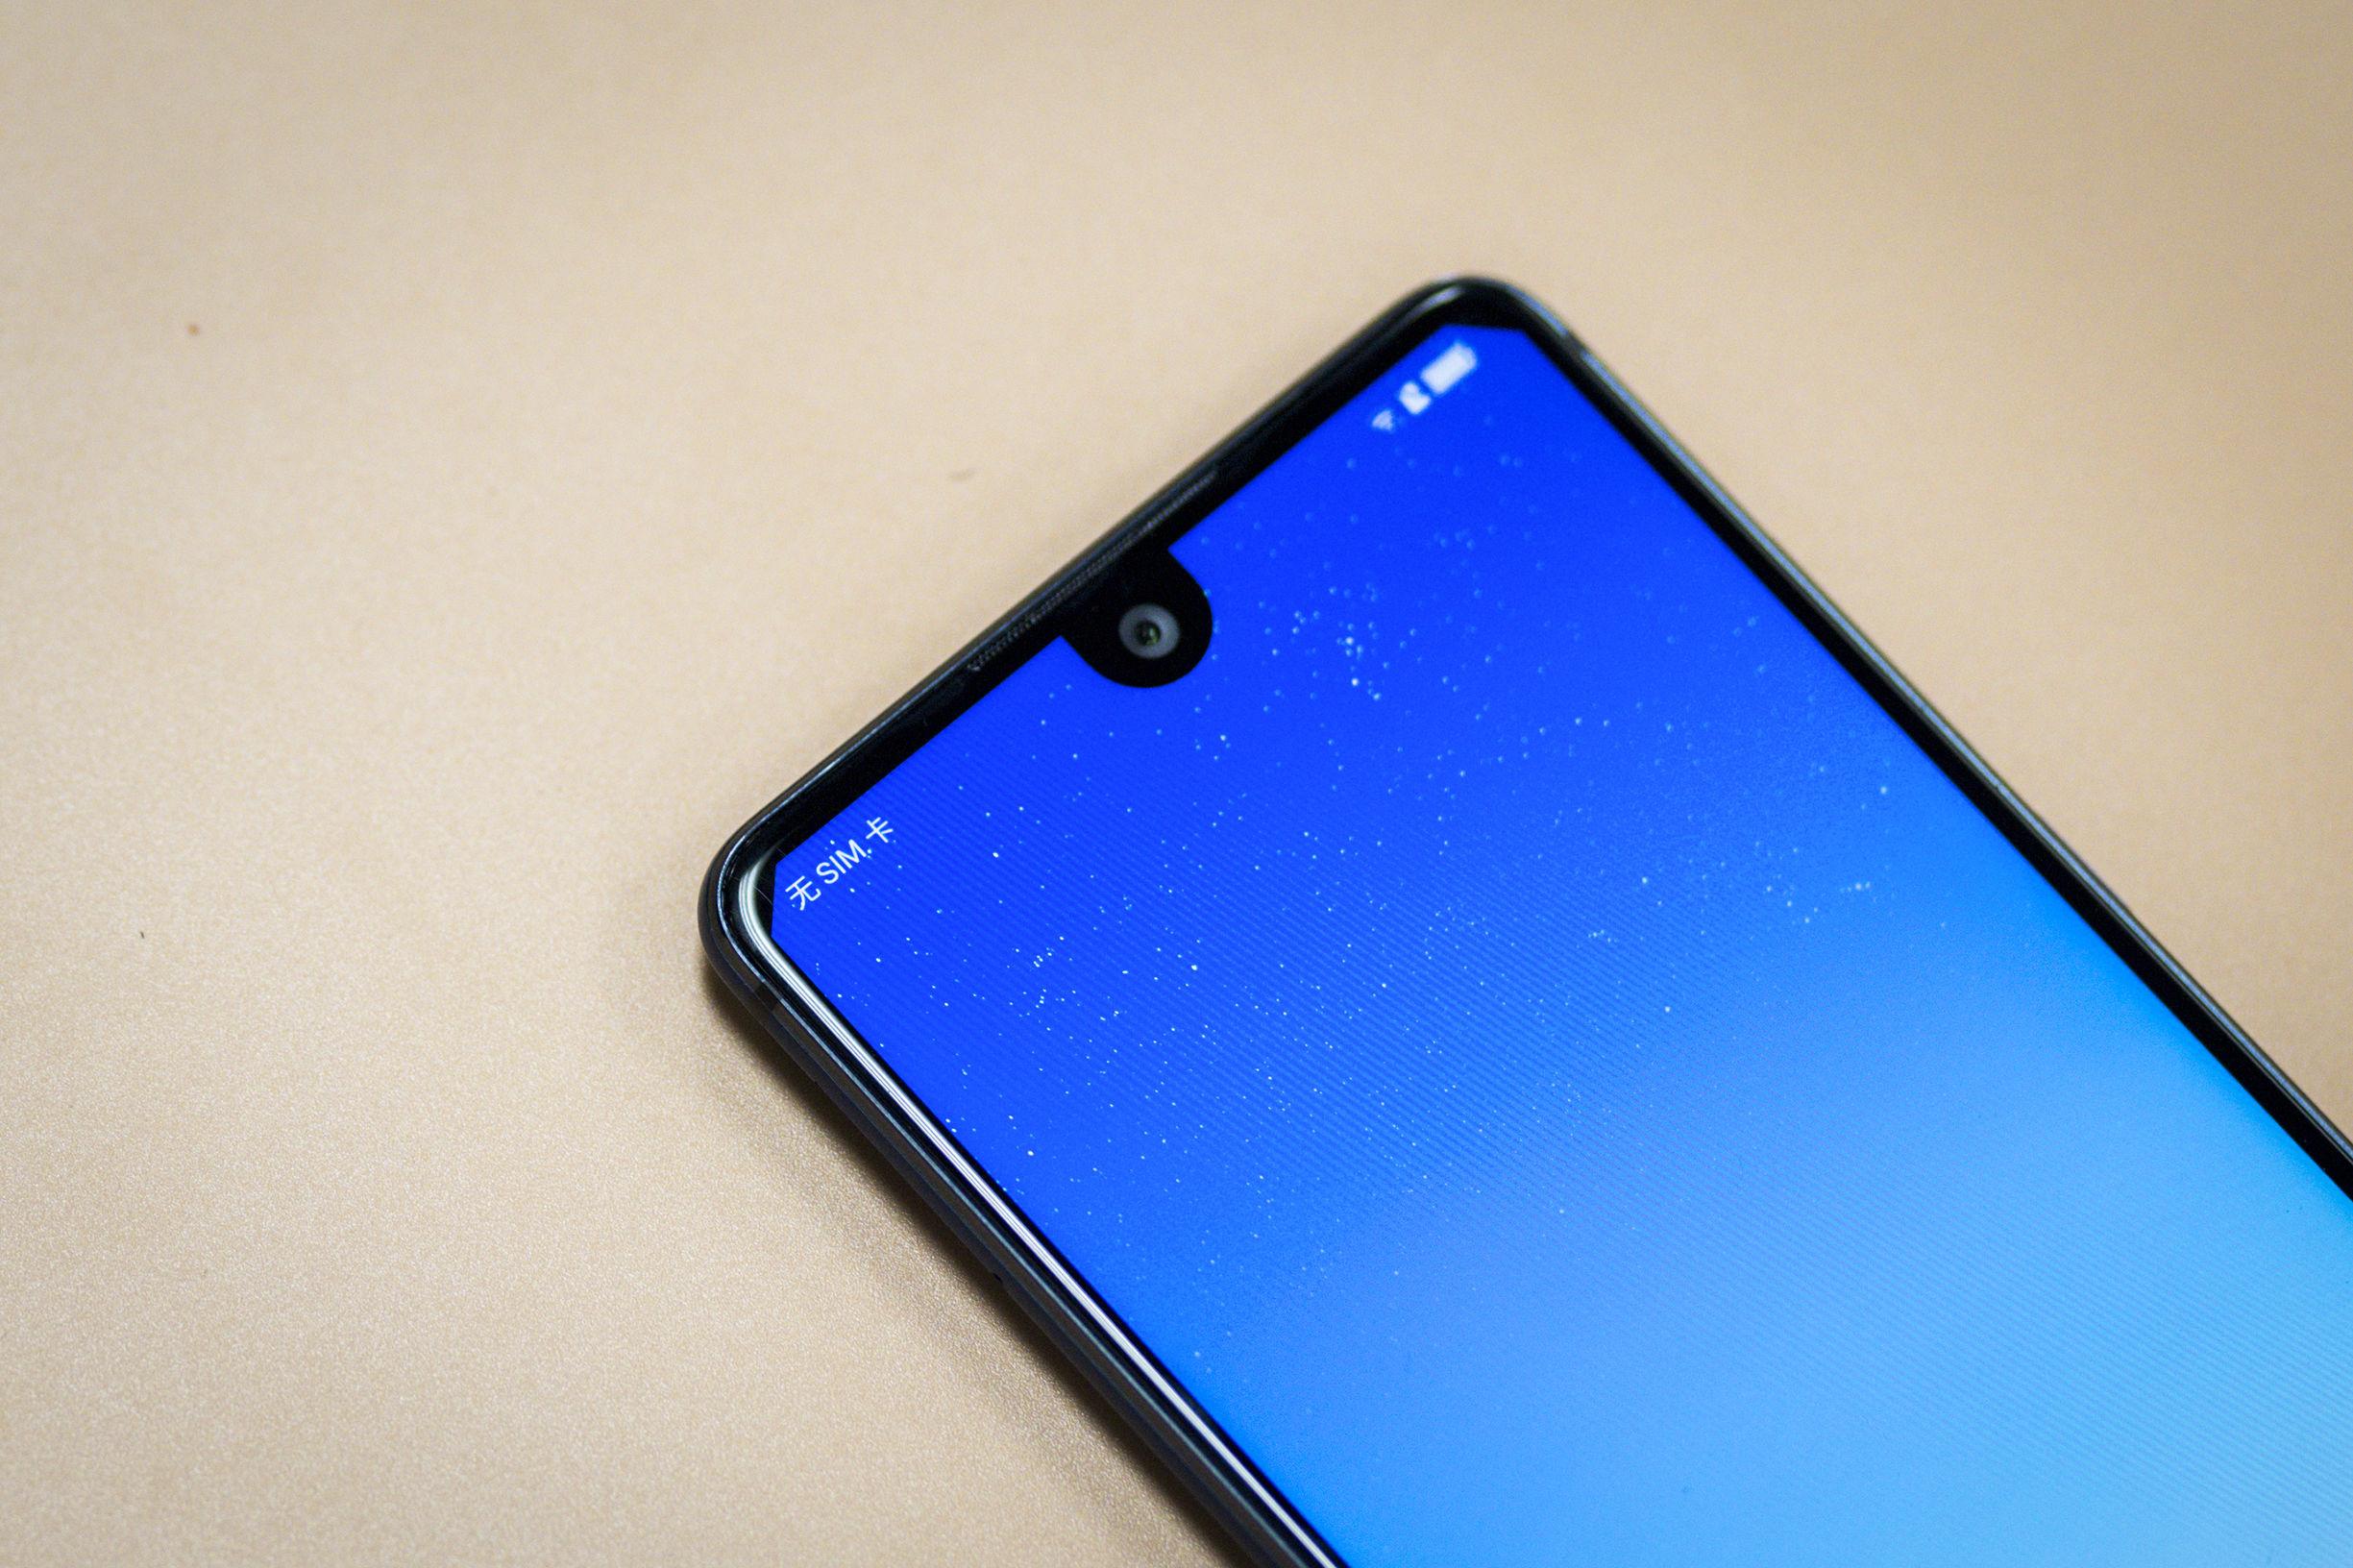 厦普重归 2499元的全屏手机 还先发了骁龙630